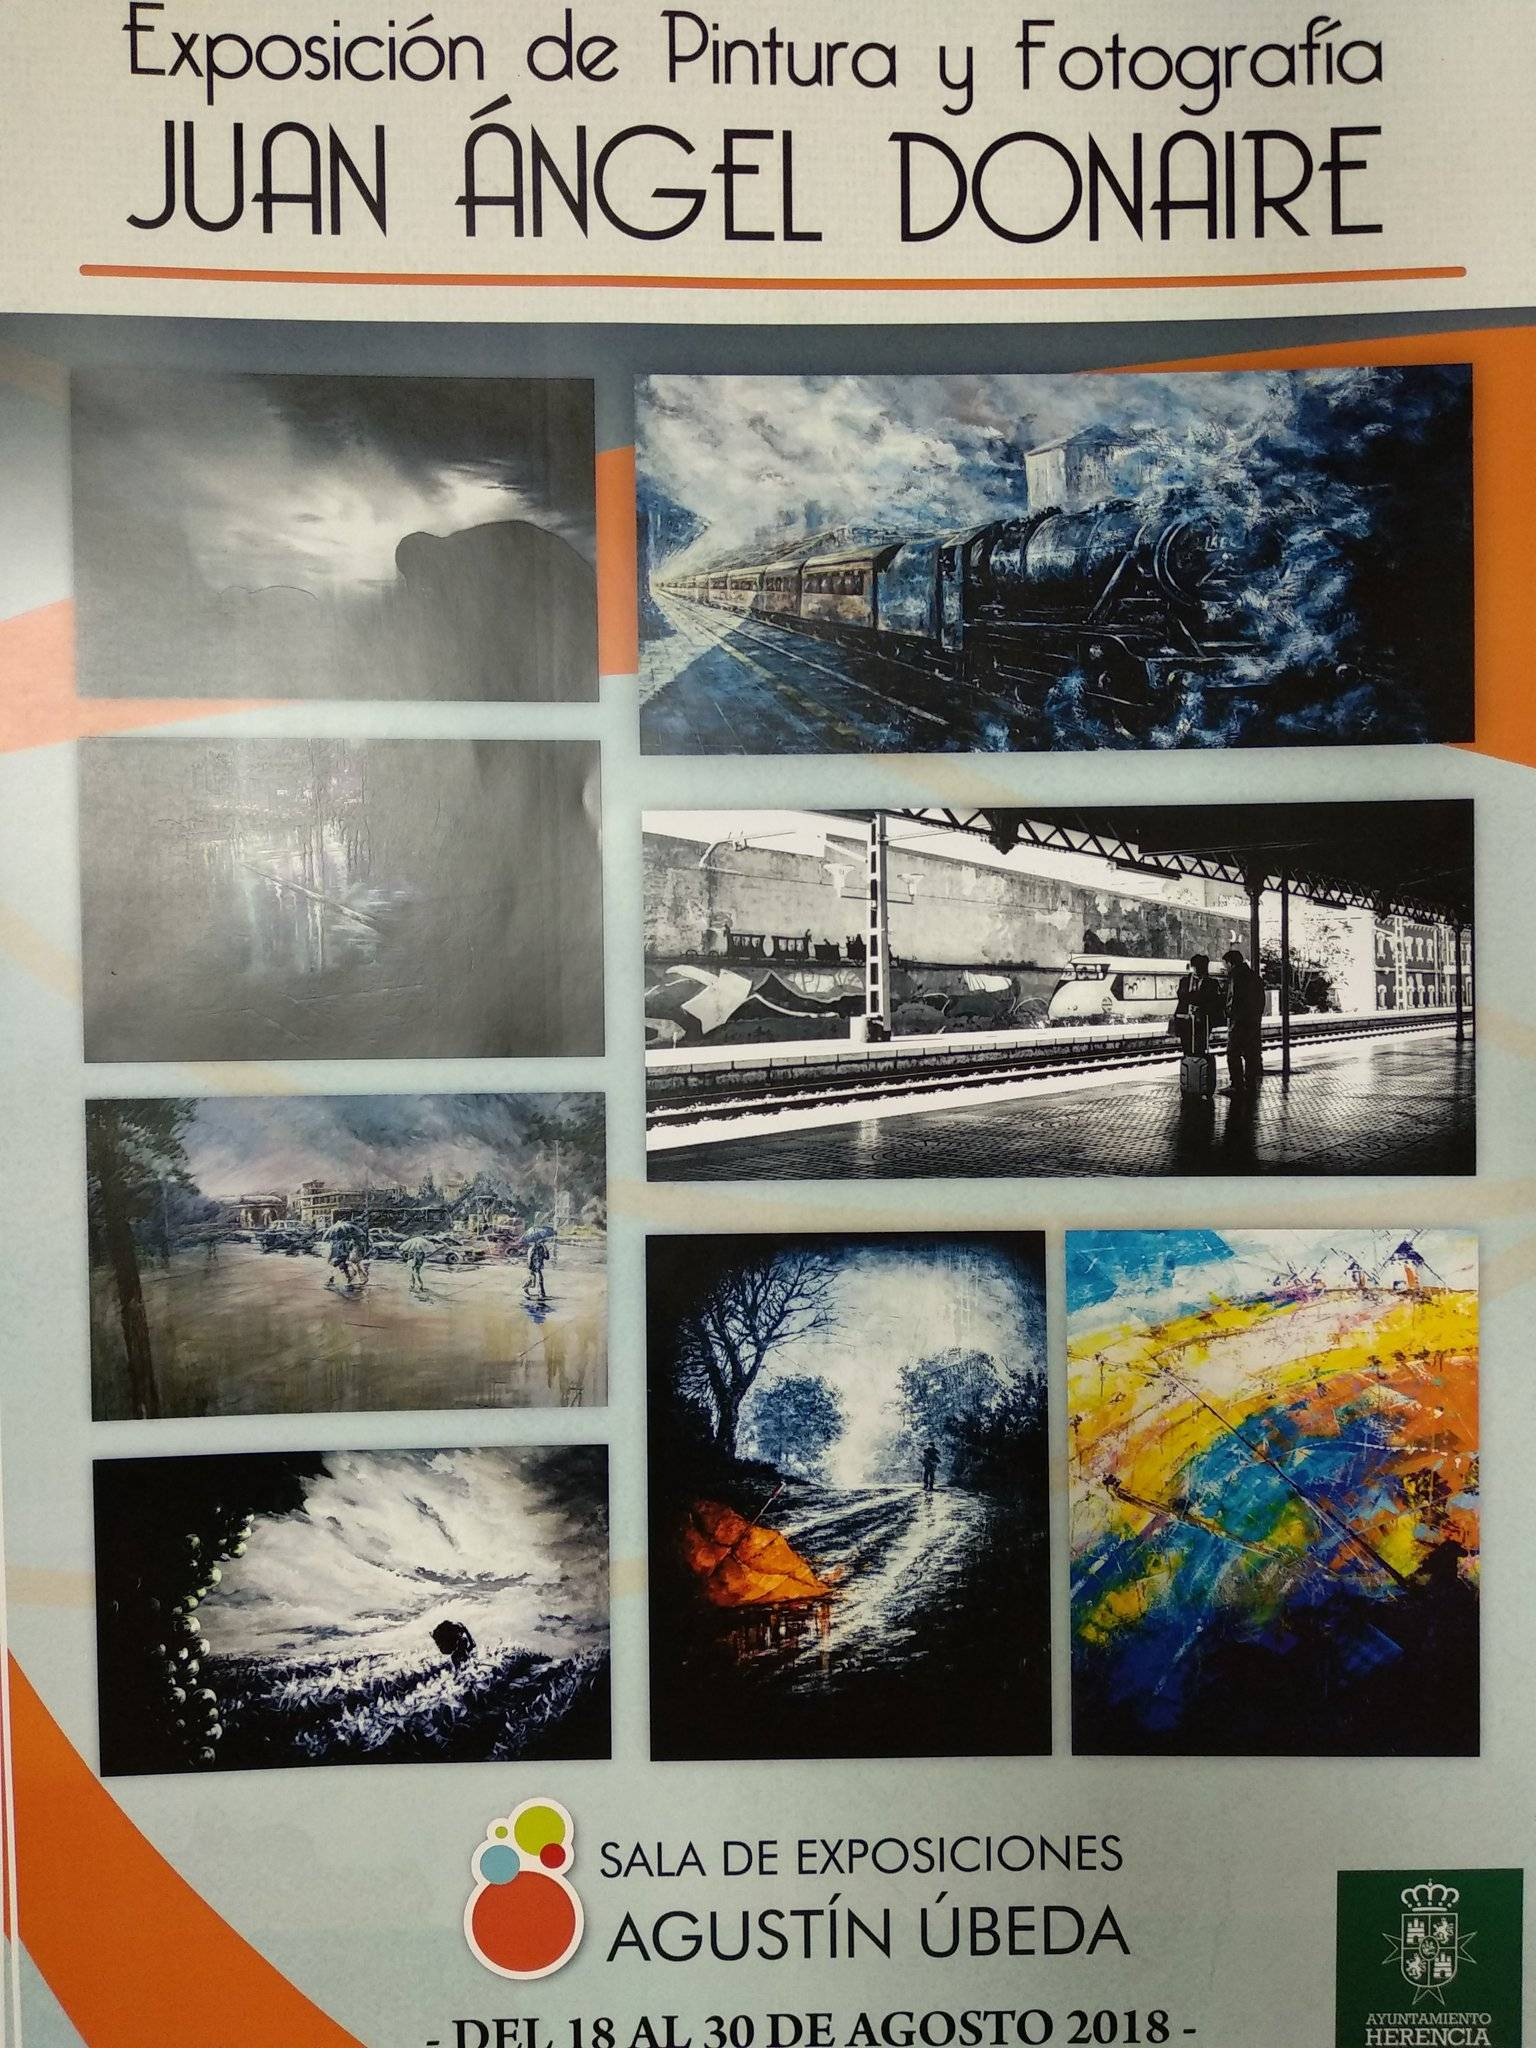 Exposici%C3%B3n Juan Angel Donaire en Herencia - El artista Juan Ángel Donaire expone fotografía y pintura en Herencia